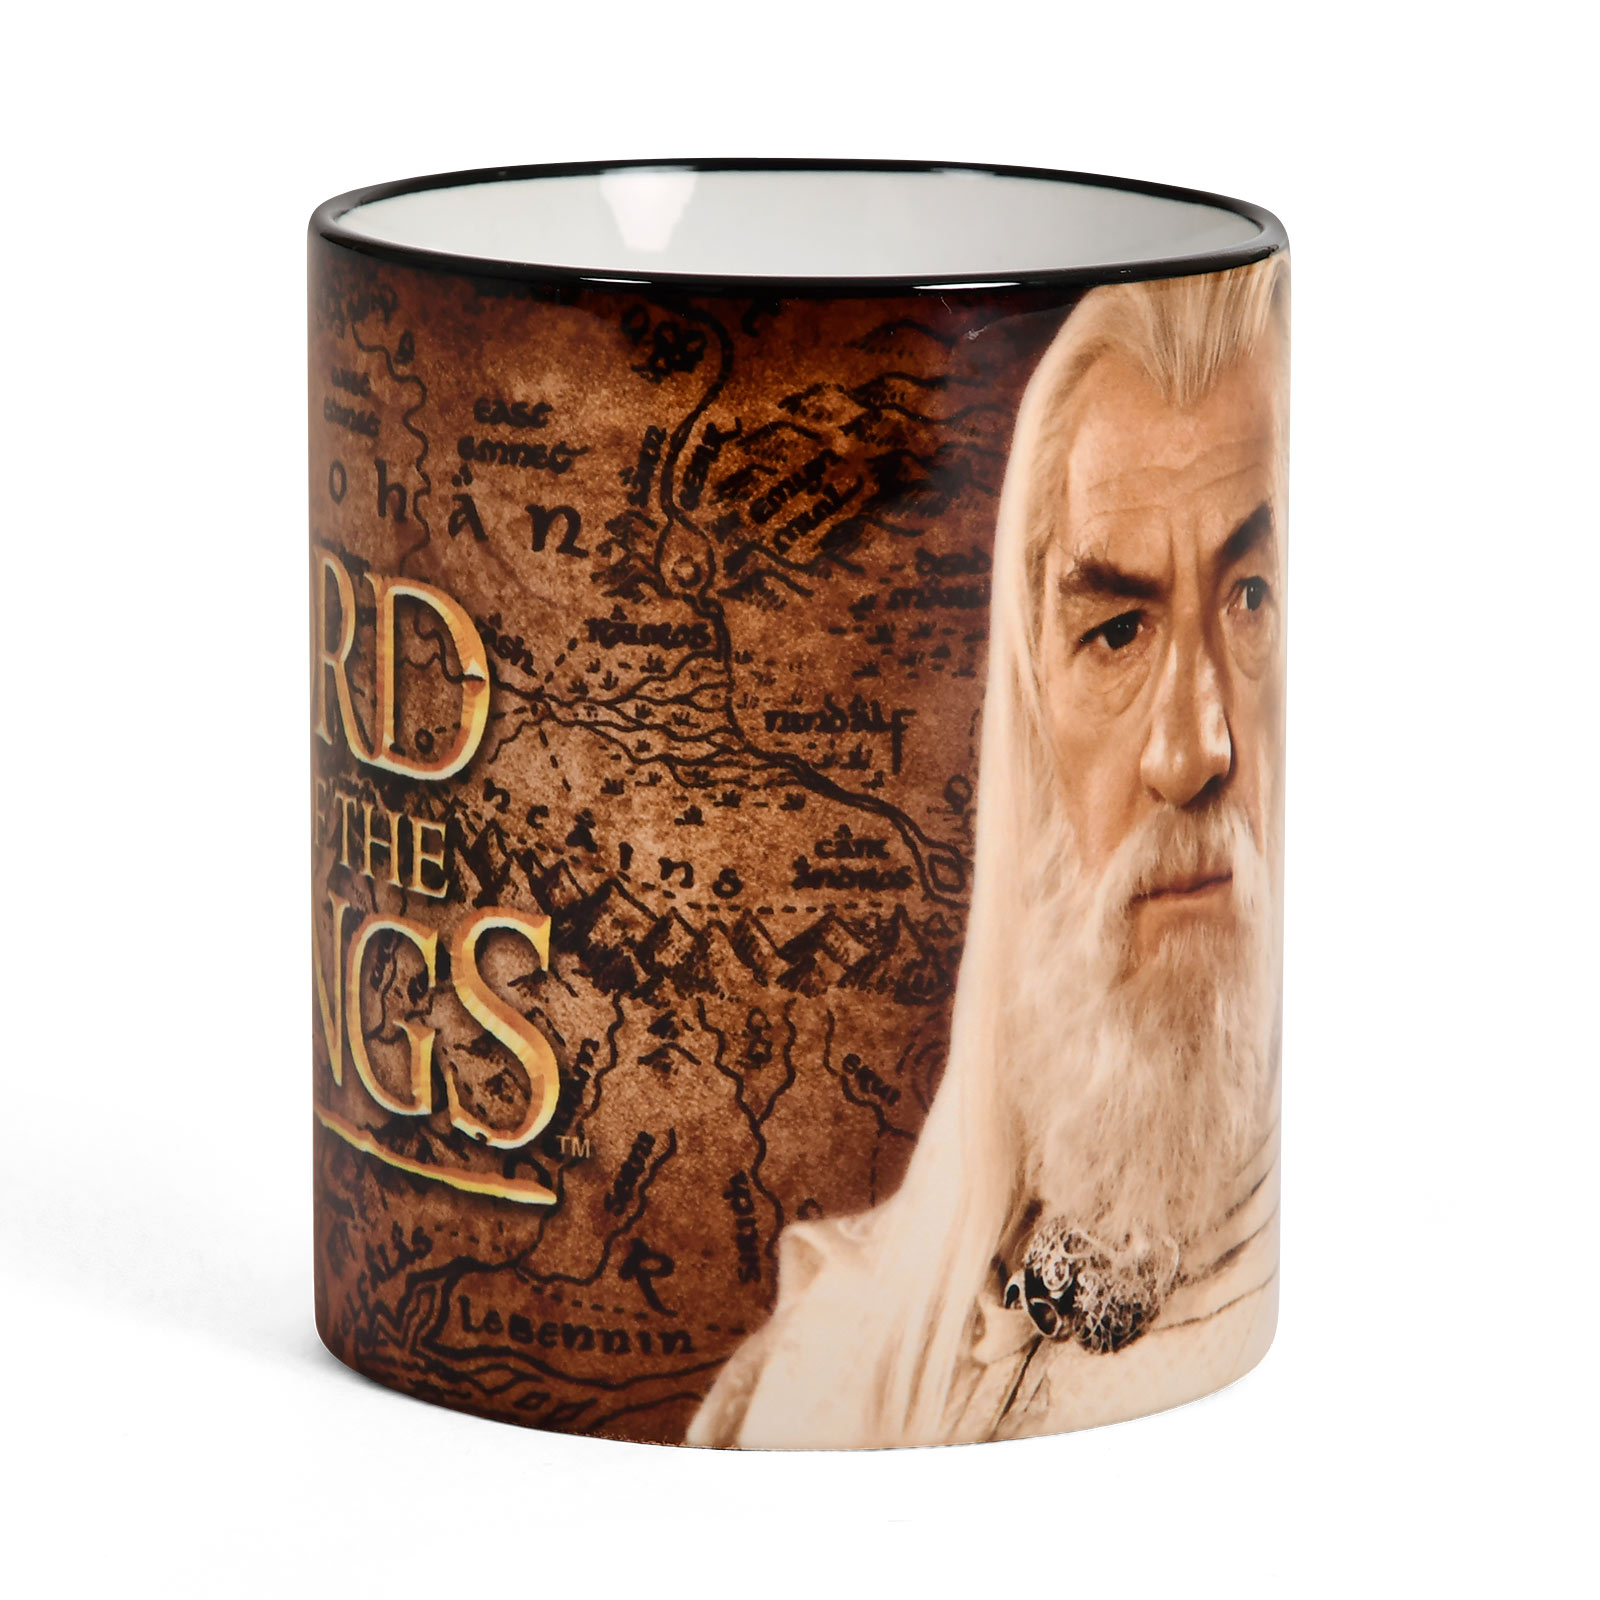 Gandalf Jubiläum Tasse - 20 Jahre Herr der Ringe